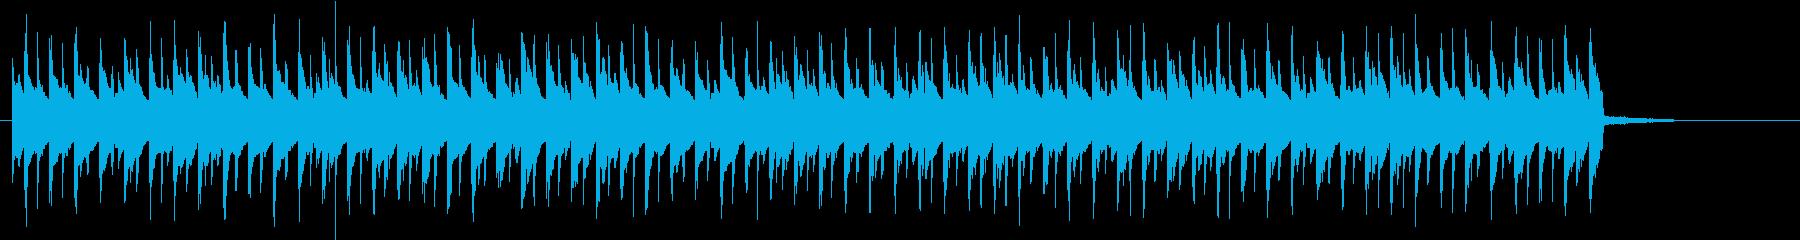 躍動的でポップなトランスBGMの再生済みの波形